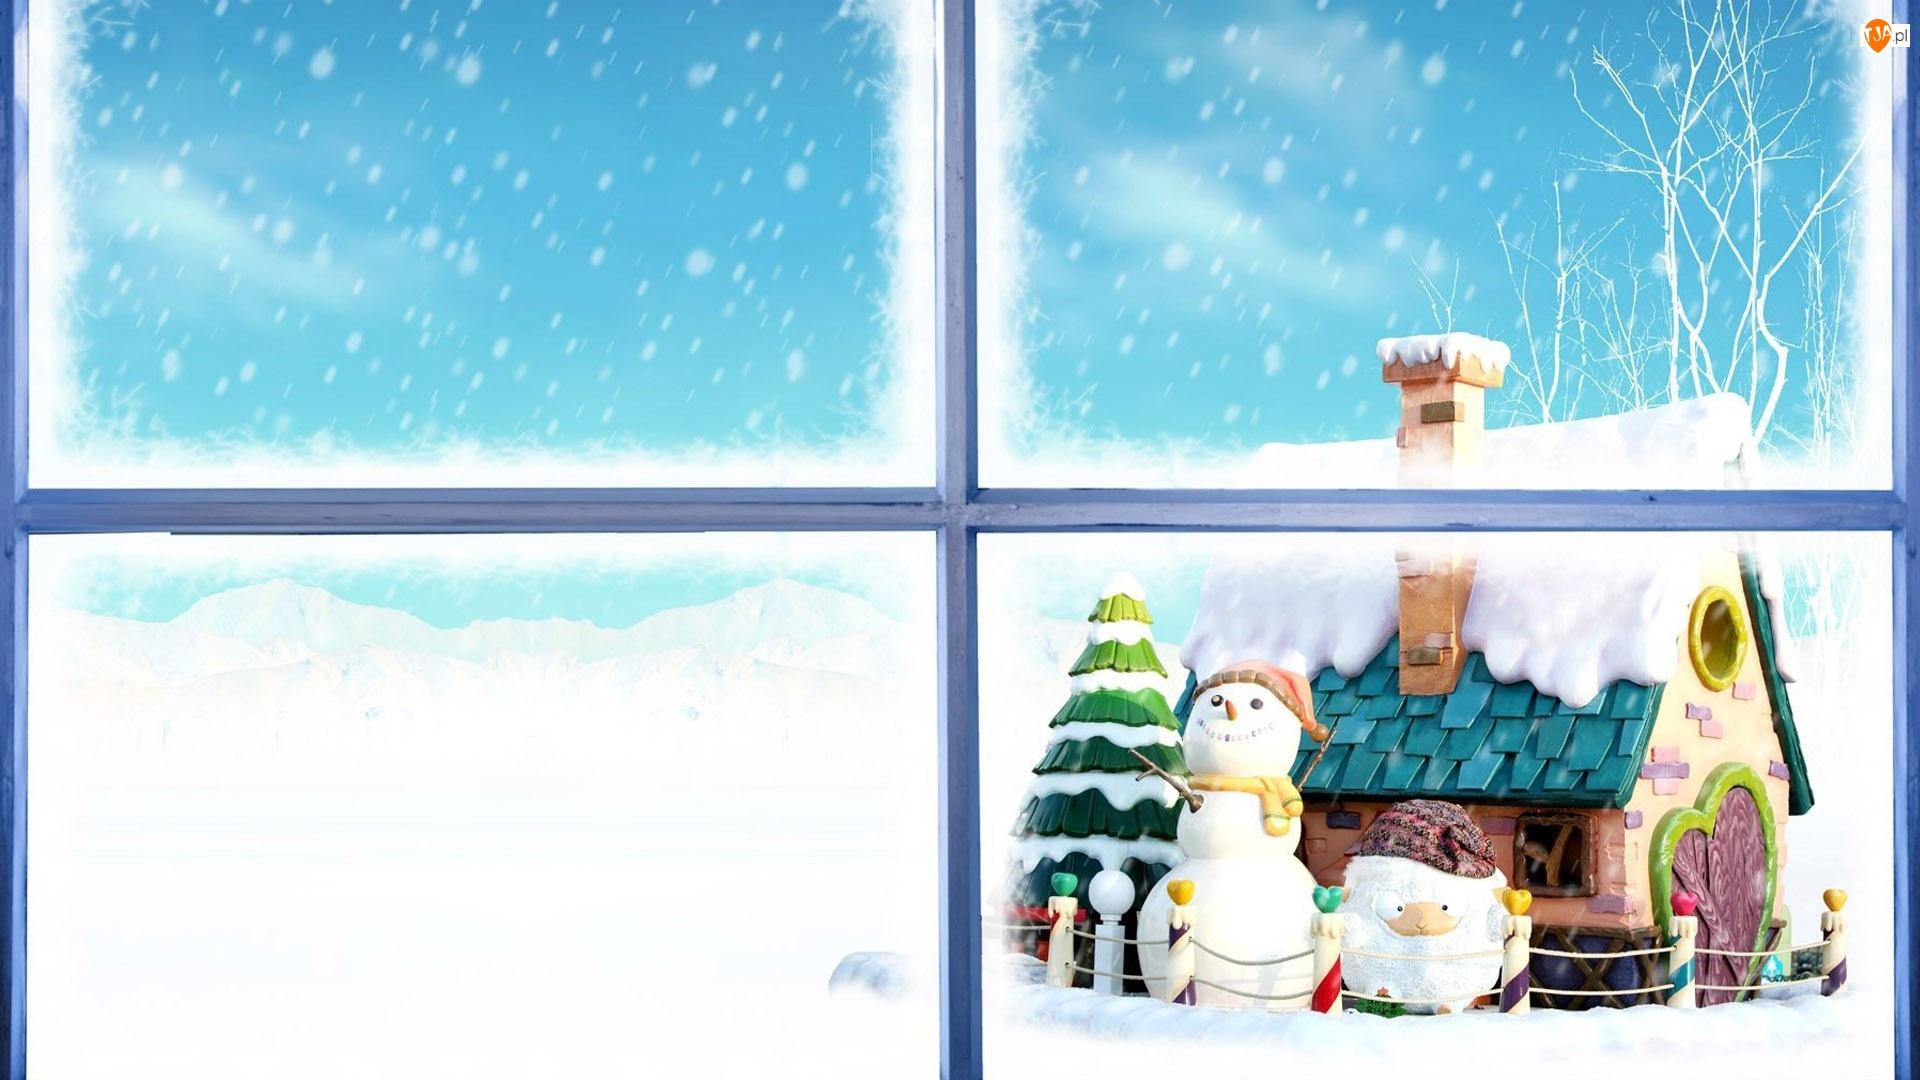 Święta, Dla dzieci, Zima, Bałwan